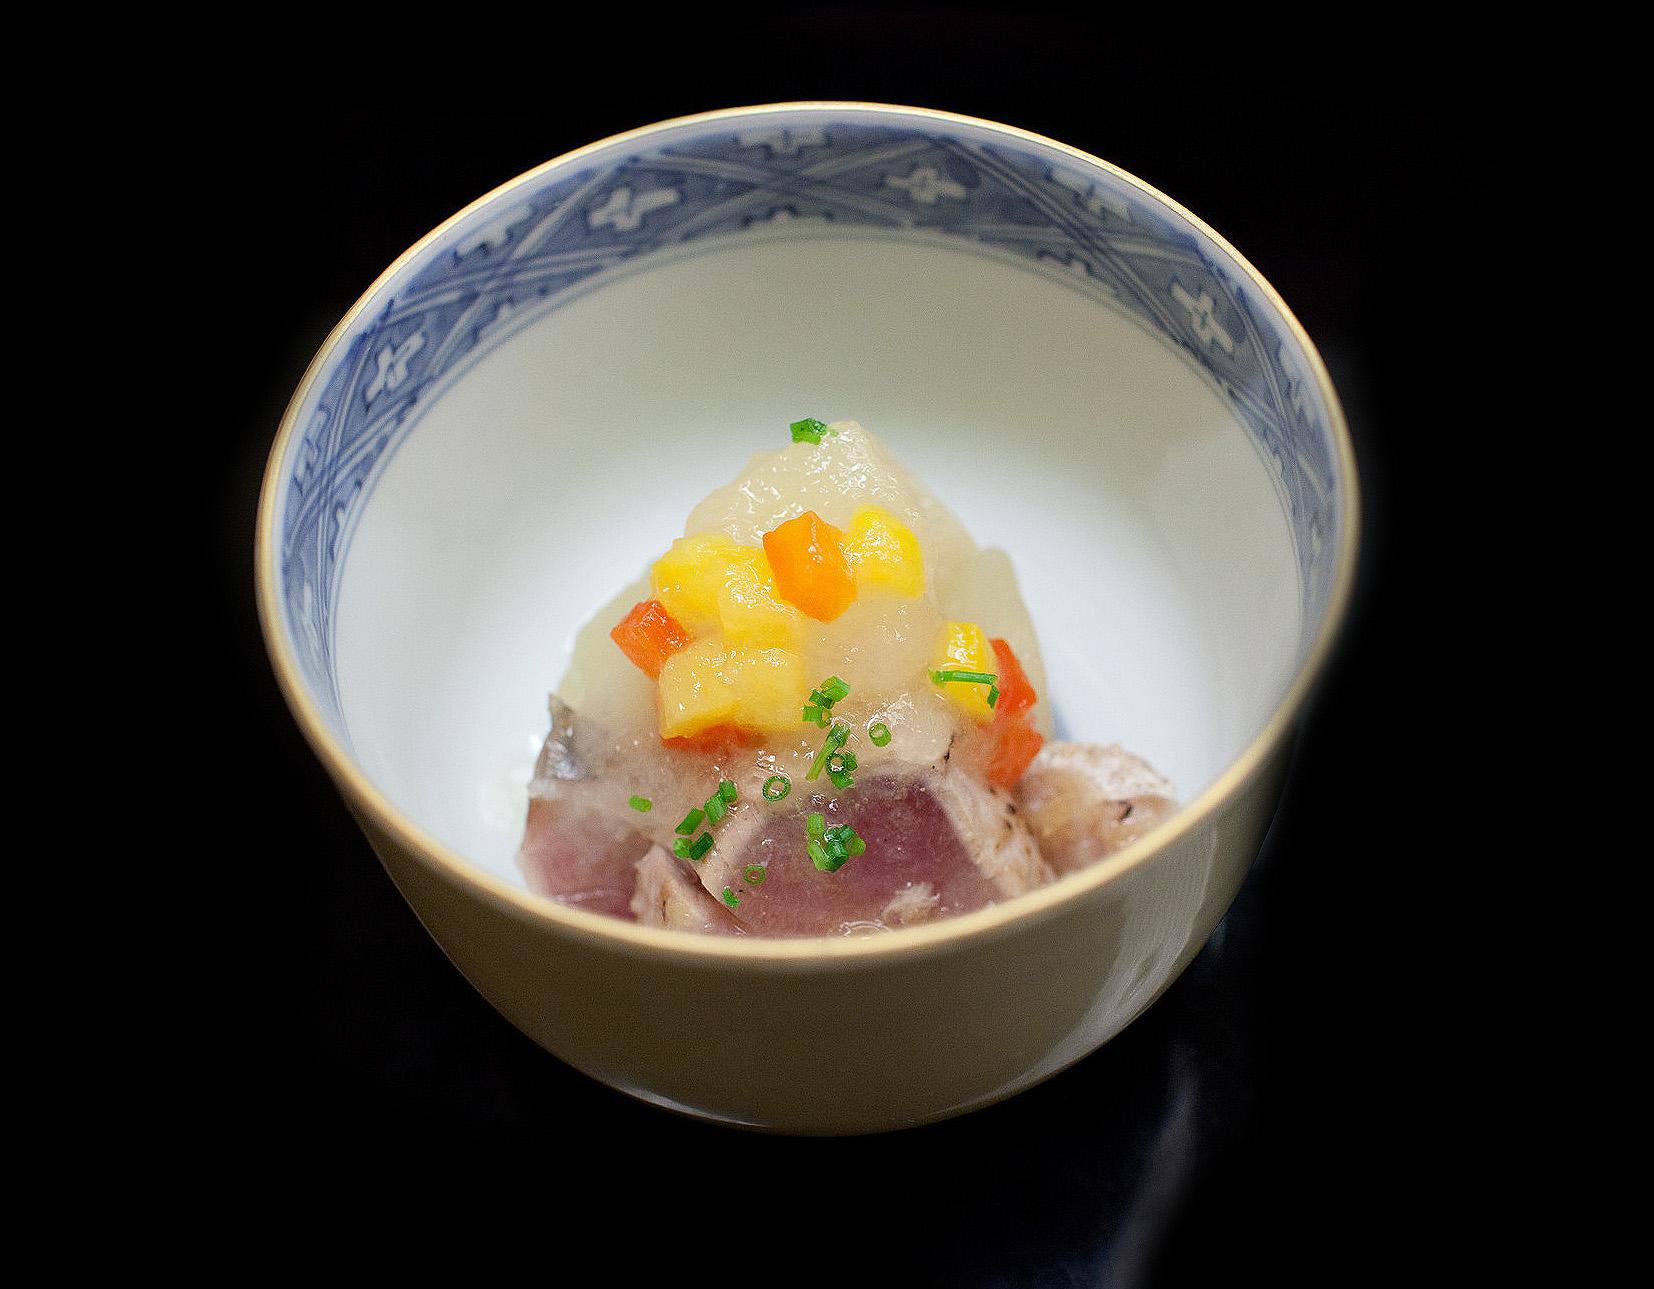 Chihana, Kyoto, Japan - Bonito sashimi cured with pear and citrus fruits